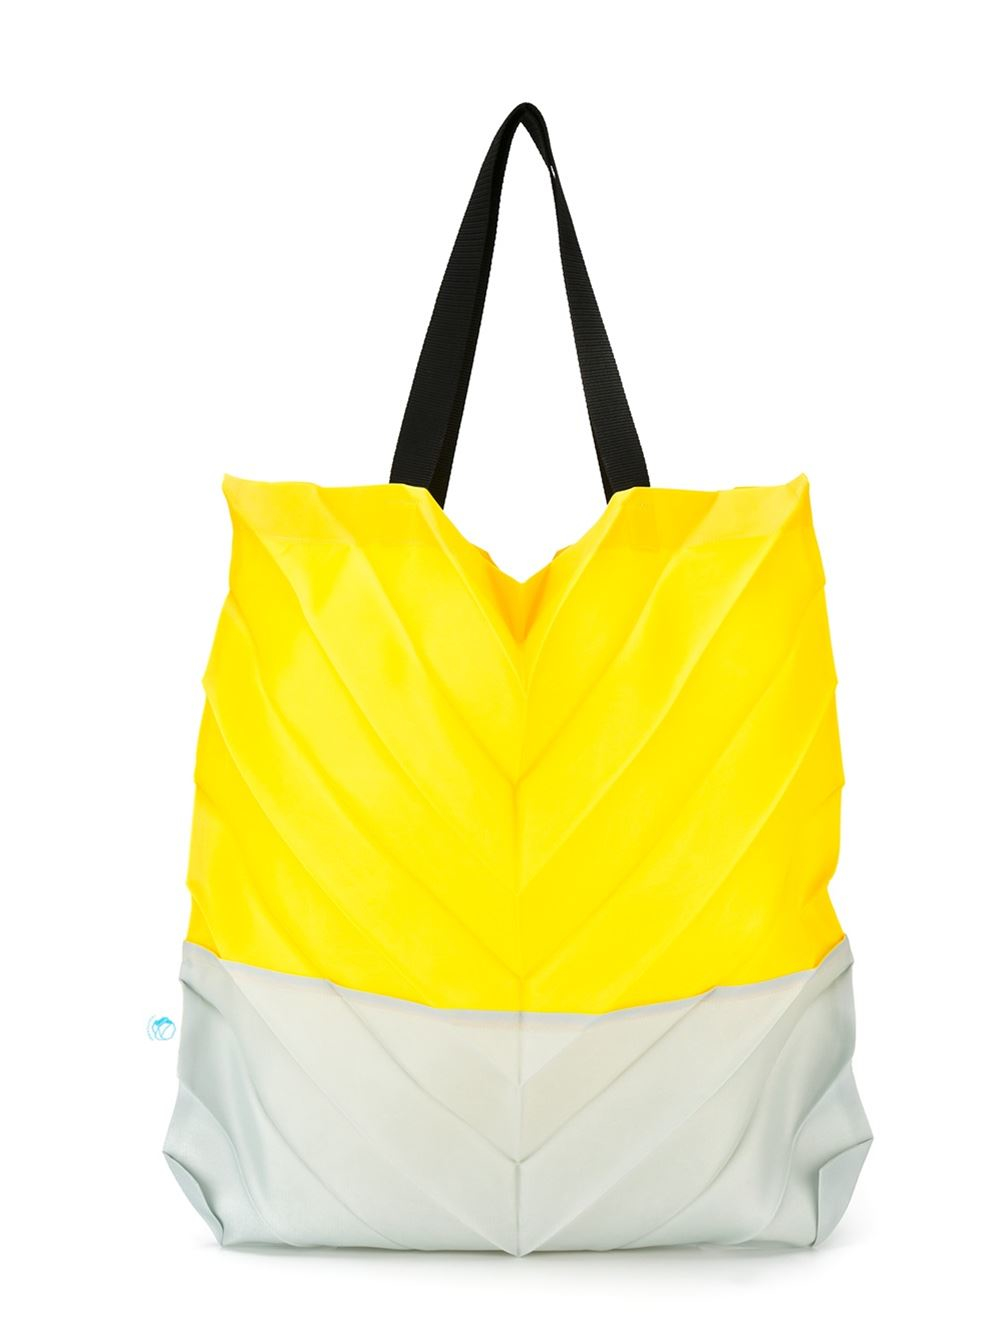 Issey Miyake Cauliflower Pleated Tote Bag in Yellow & Orange (Yellow)